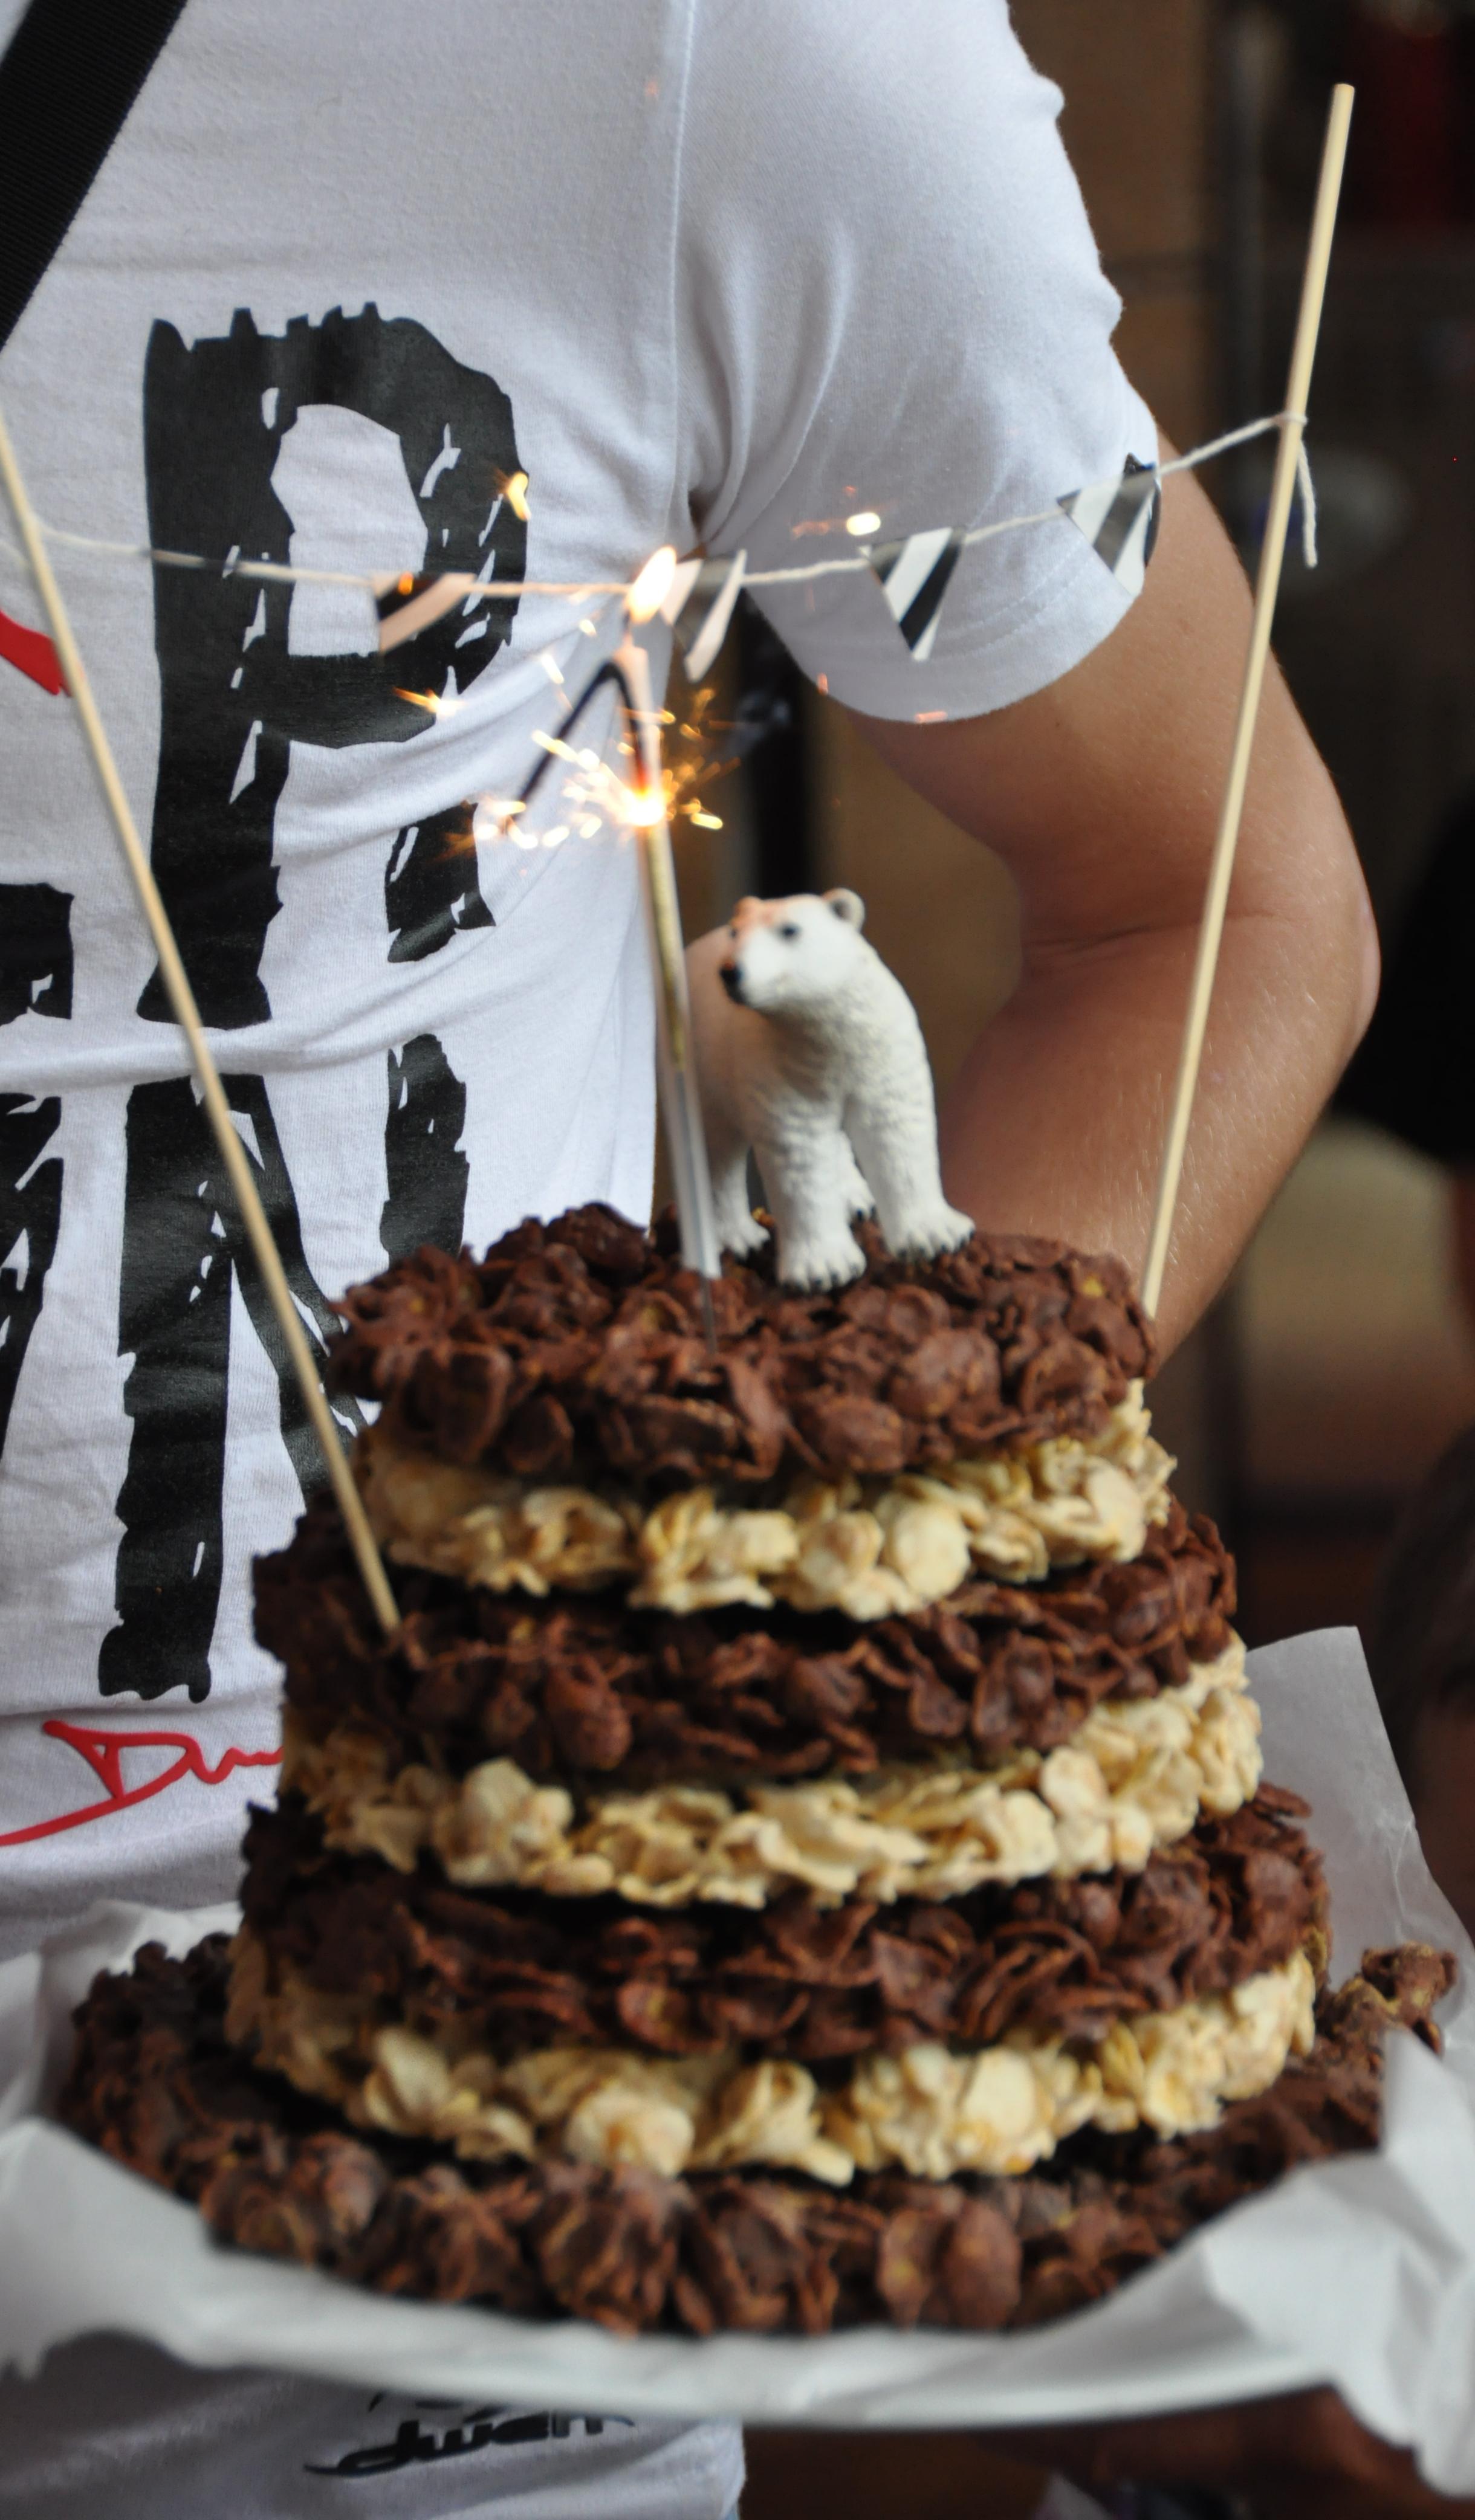 Recette de piece montee en gateau au chocolat